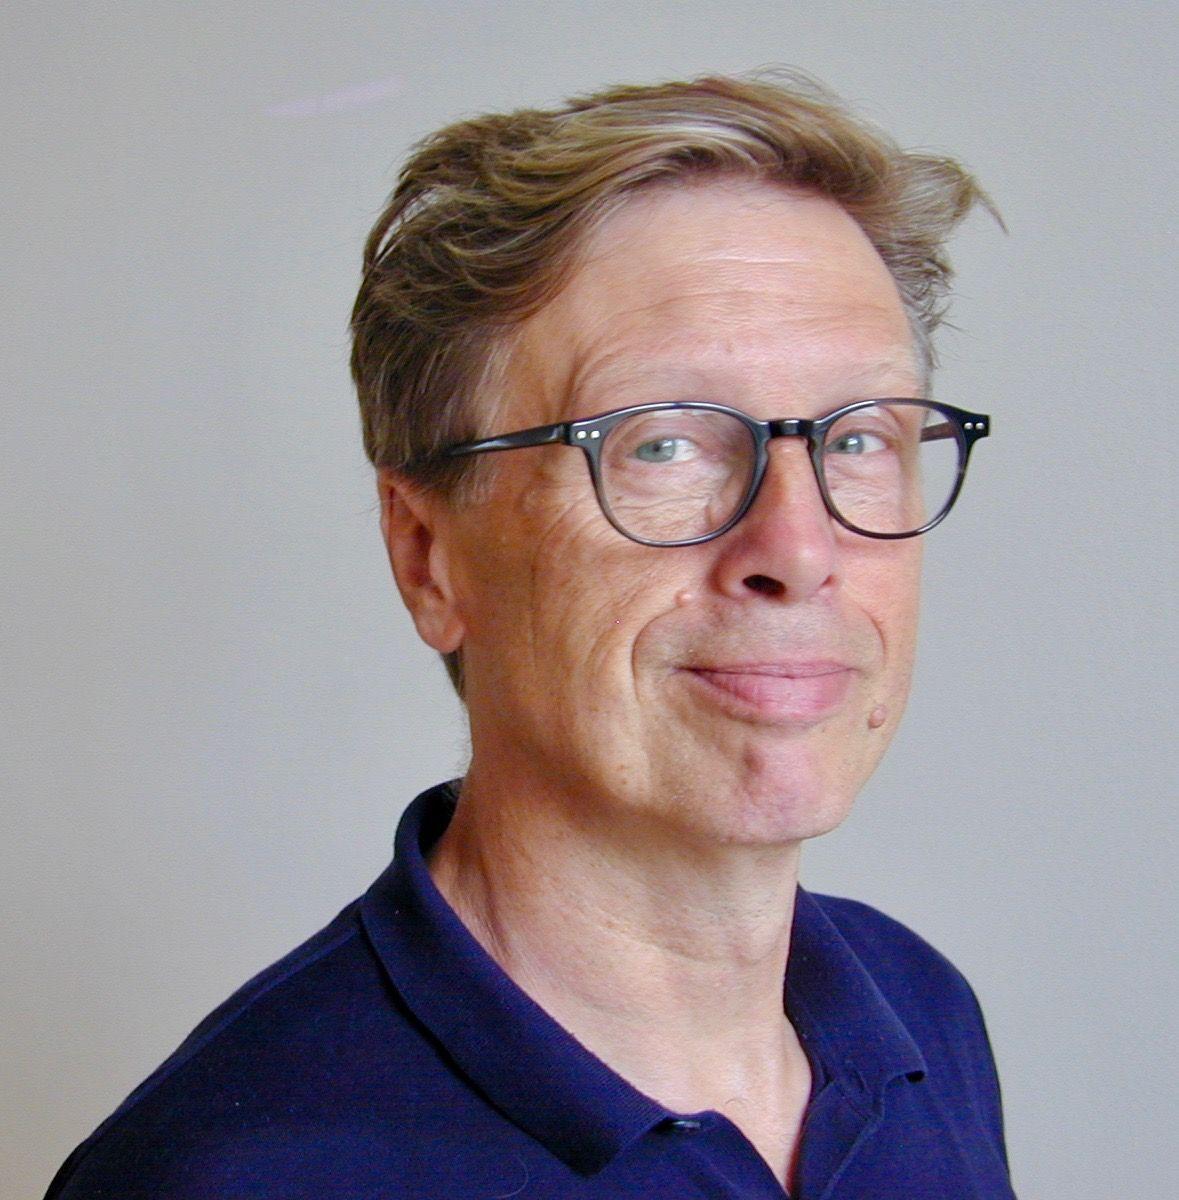 Peter Bay Alexandersen er årets Julemærke-kunstner